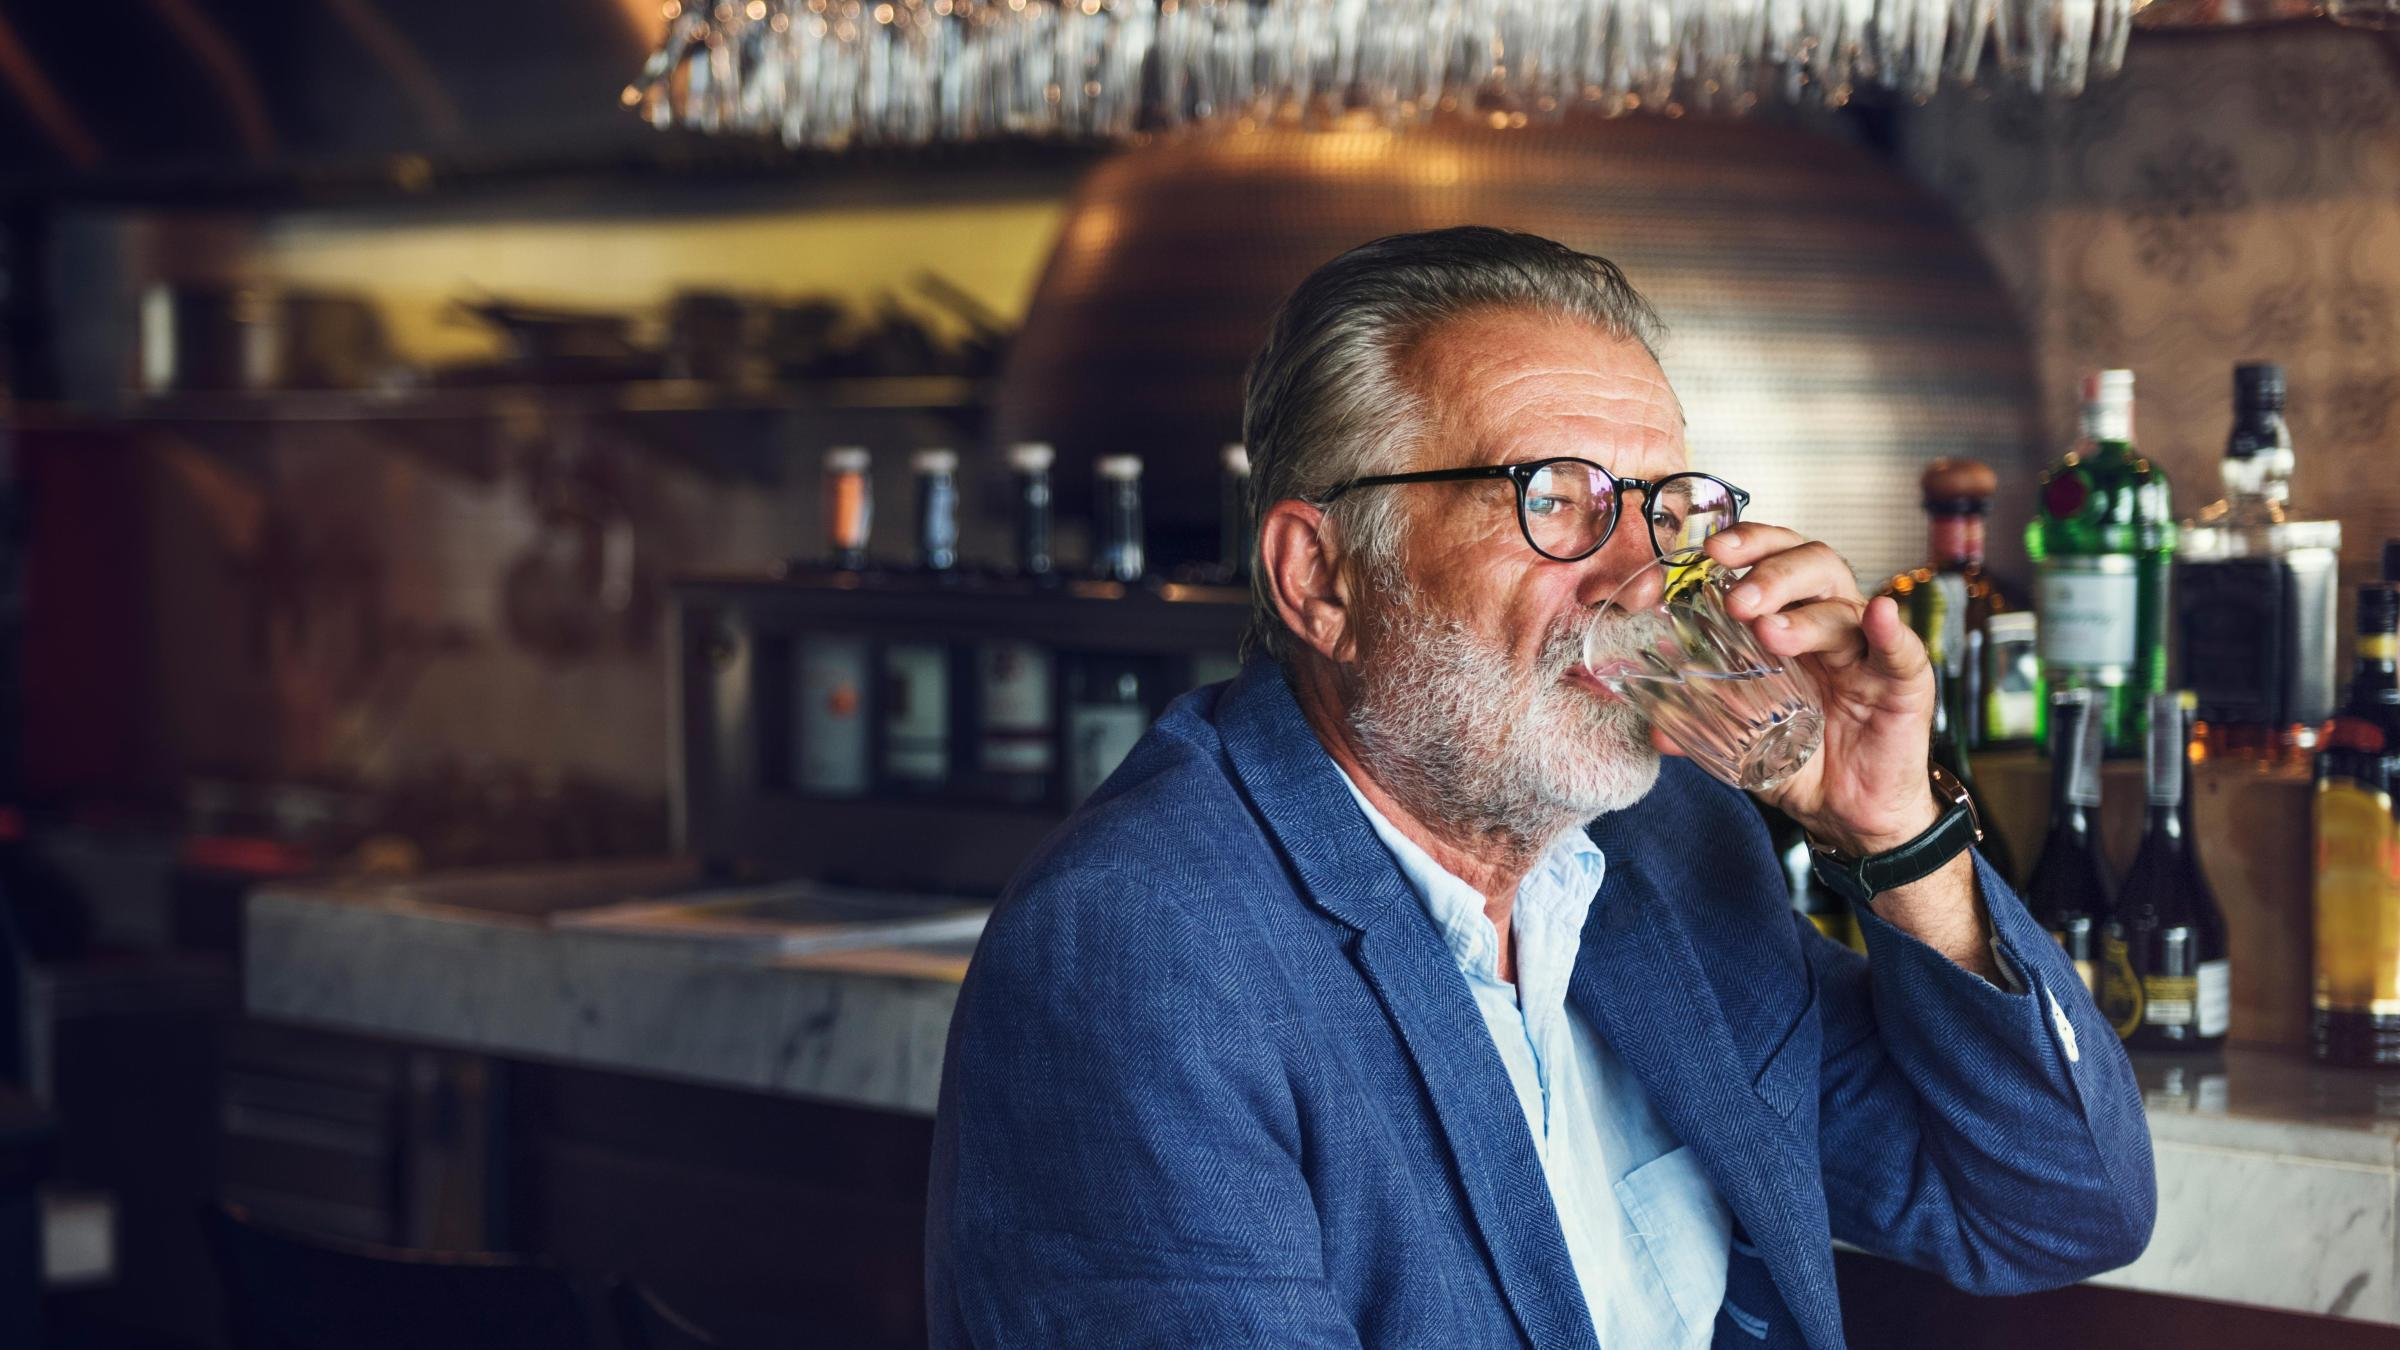 У умеренно пьющих риск деменции не оказался повышенным